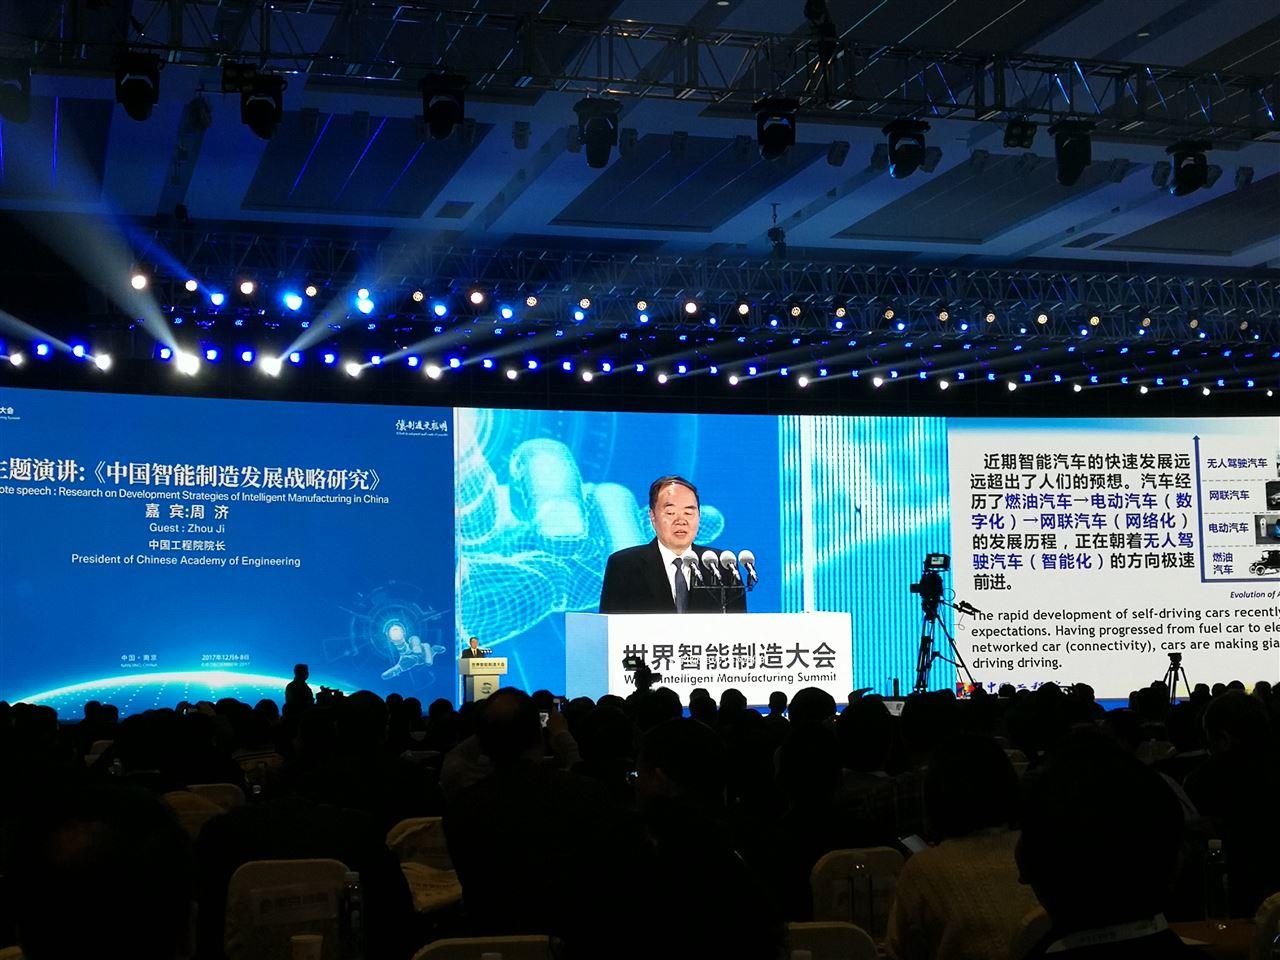 2017世界威尼斯人线上娱乐官网制造大会在江苏南京落下帷幕